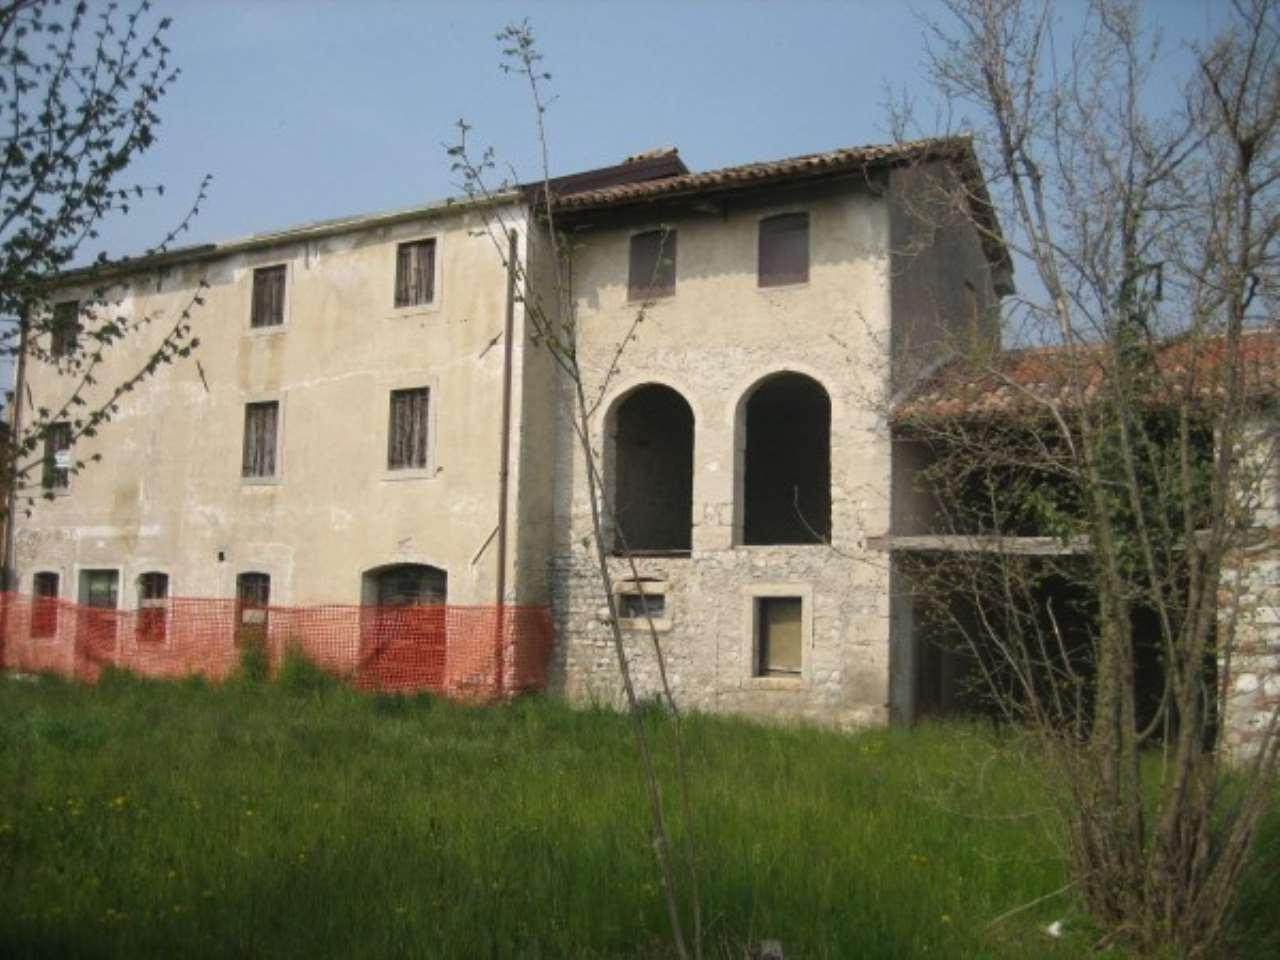 Rustico / Casale in vendita a Cappella Maggiore, 9999 locali, prezzo € 170.000 | CambioCasa.it